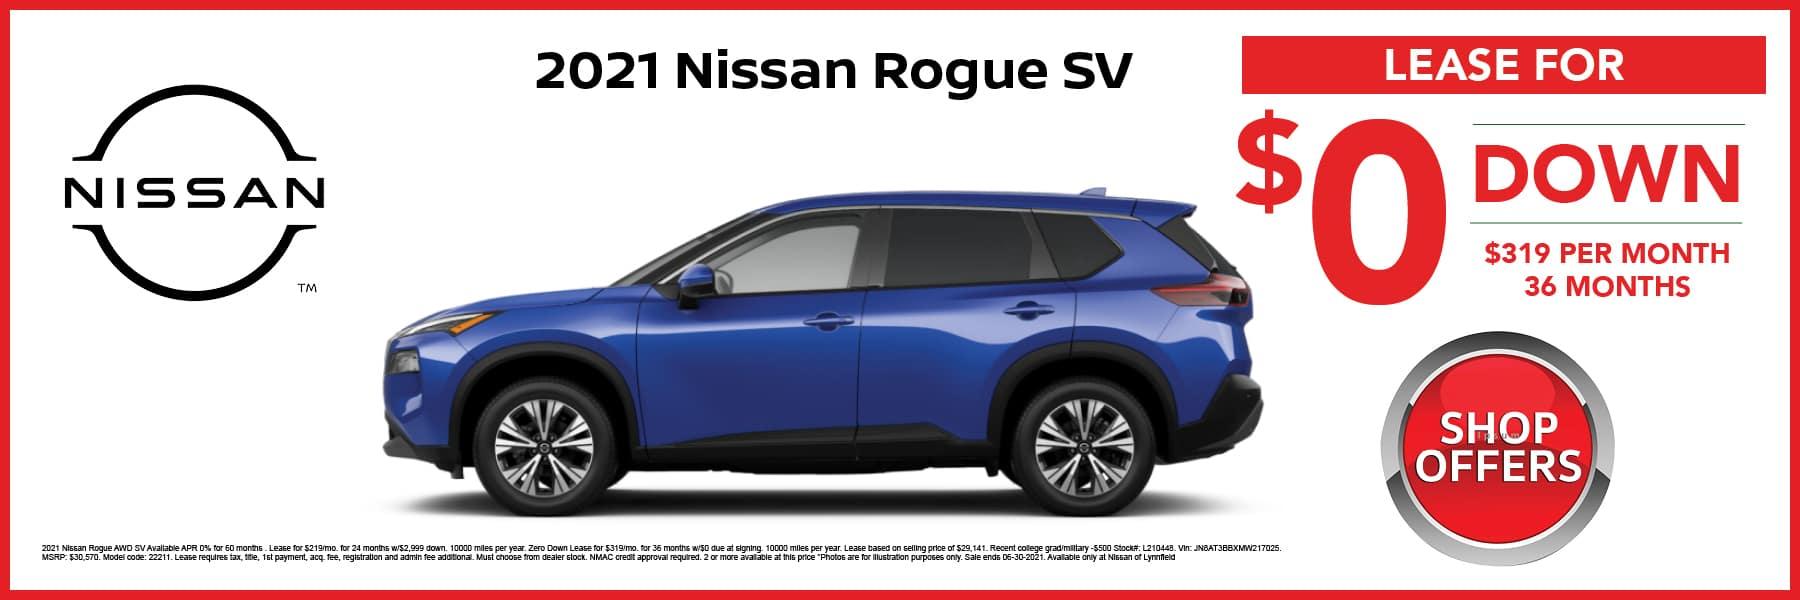 2021 Nissan Rogue SV Lease Offer Web Slide